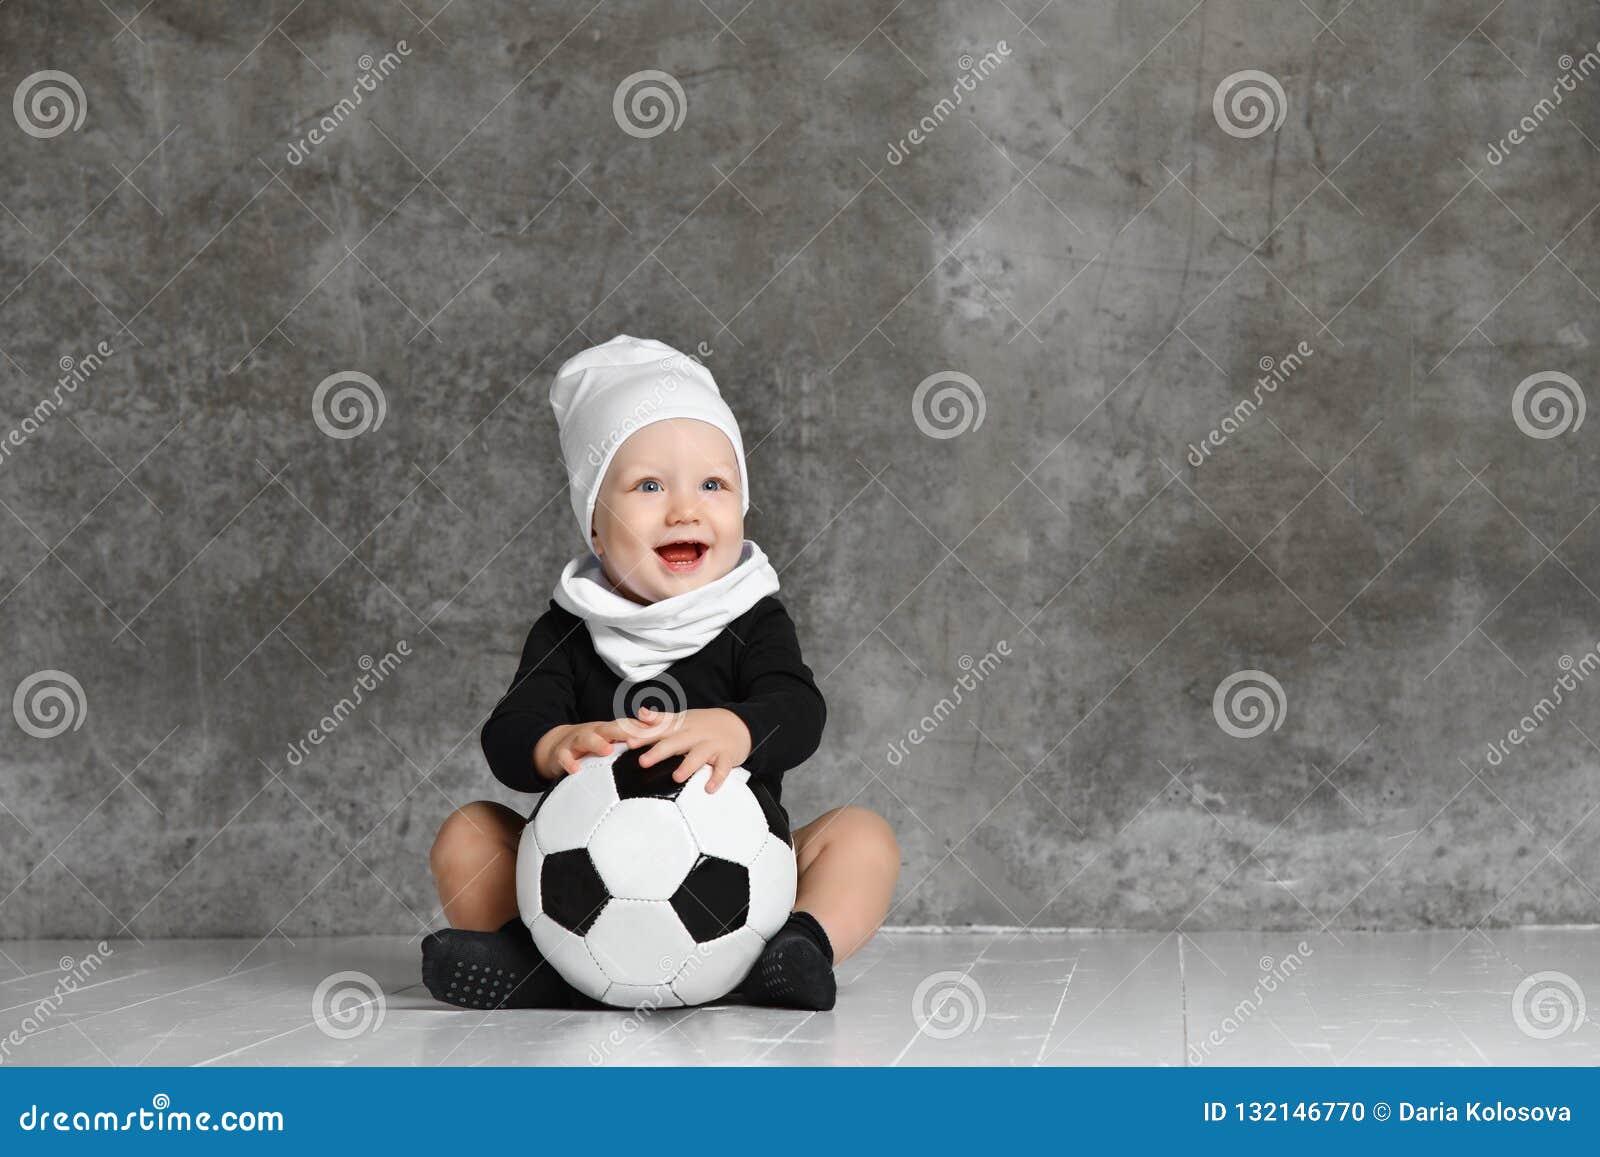 Милое изображение младенца держа футбольный мяч